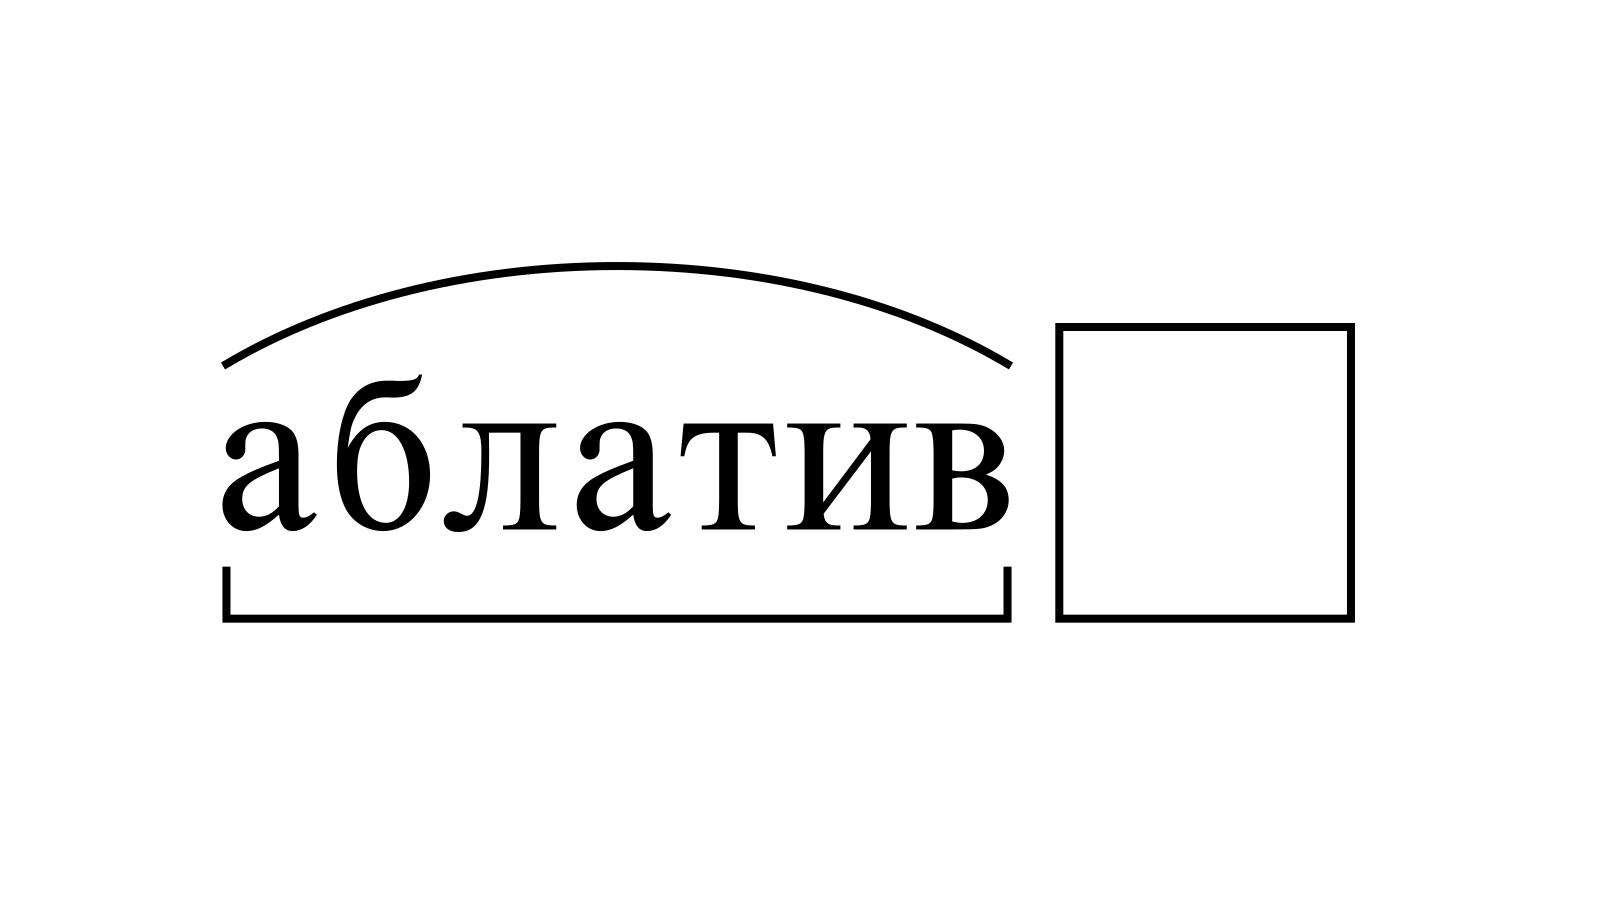 Разбор слова «аблатив» по составу